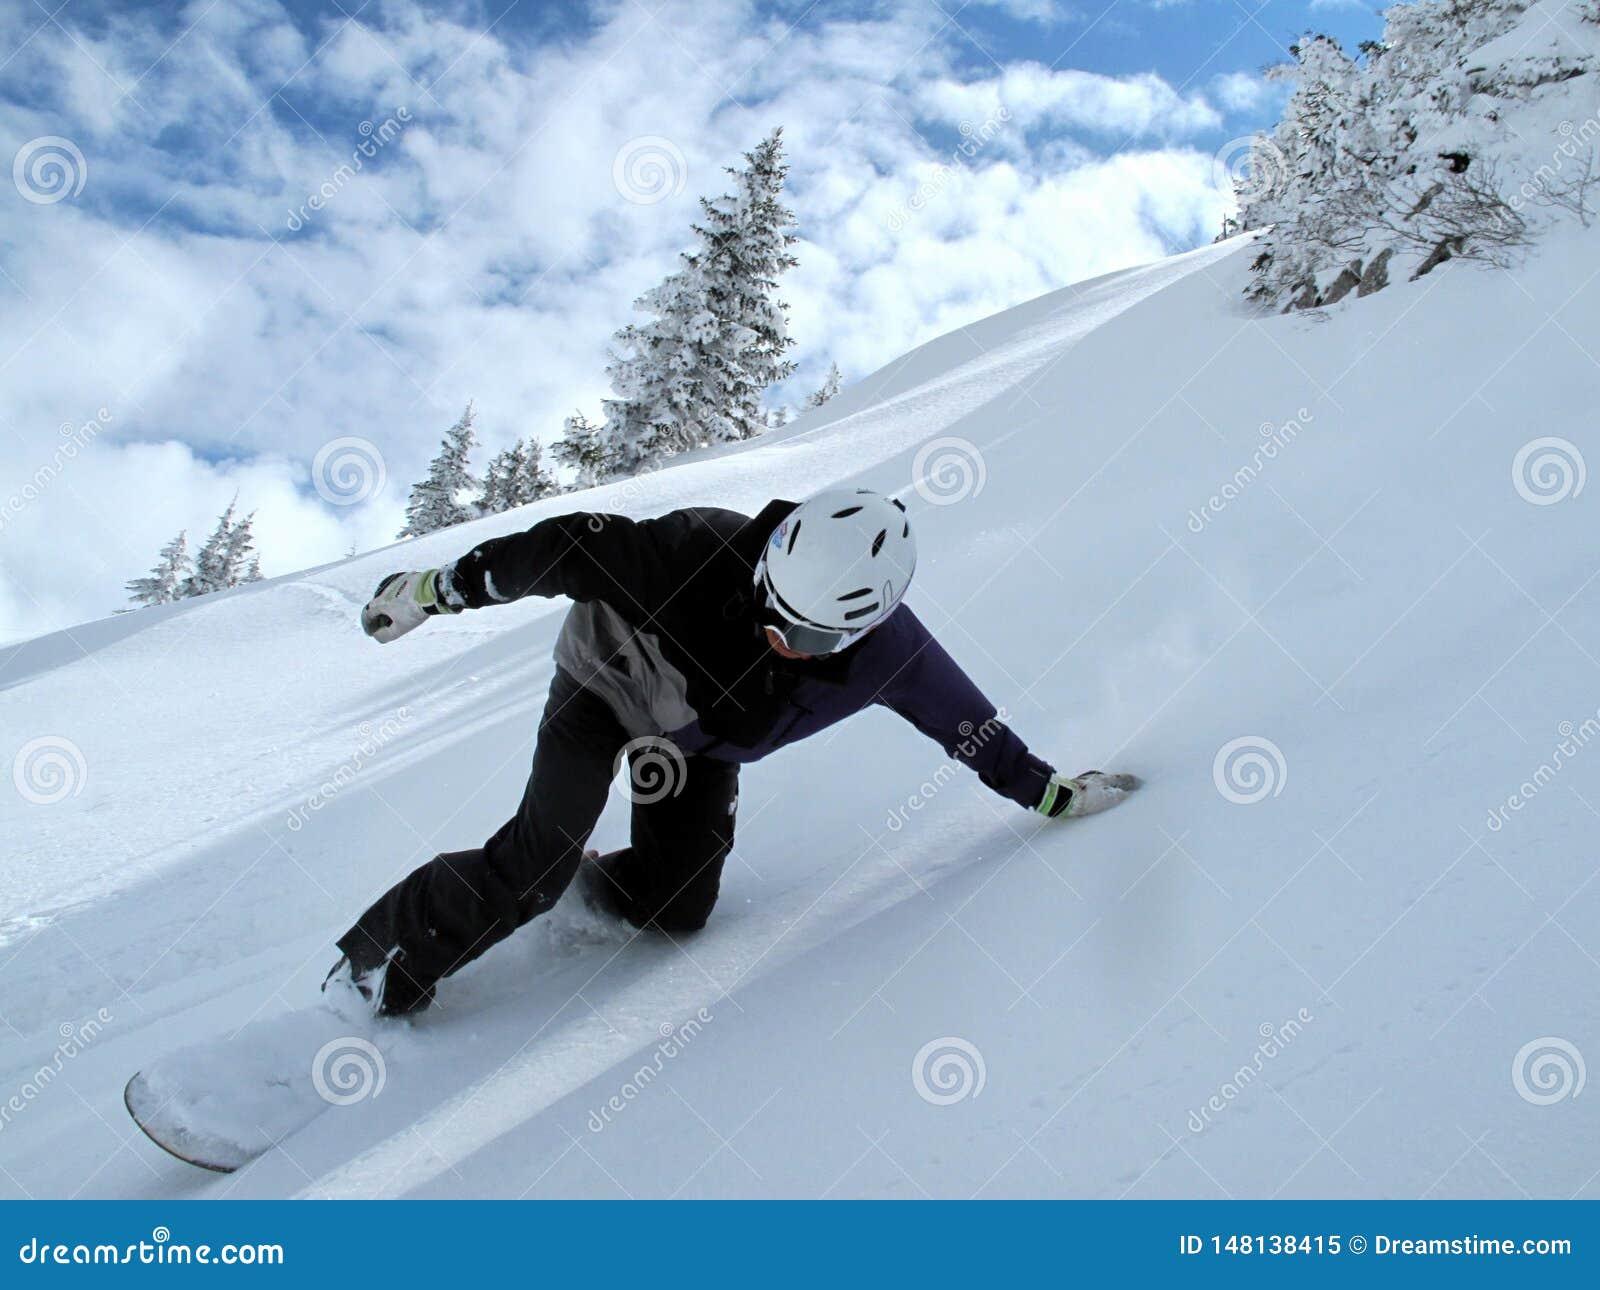 Βουνό με τα σύννεφα και το χιόνι, snowboarder στην πλήρη ταχύτητα